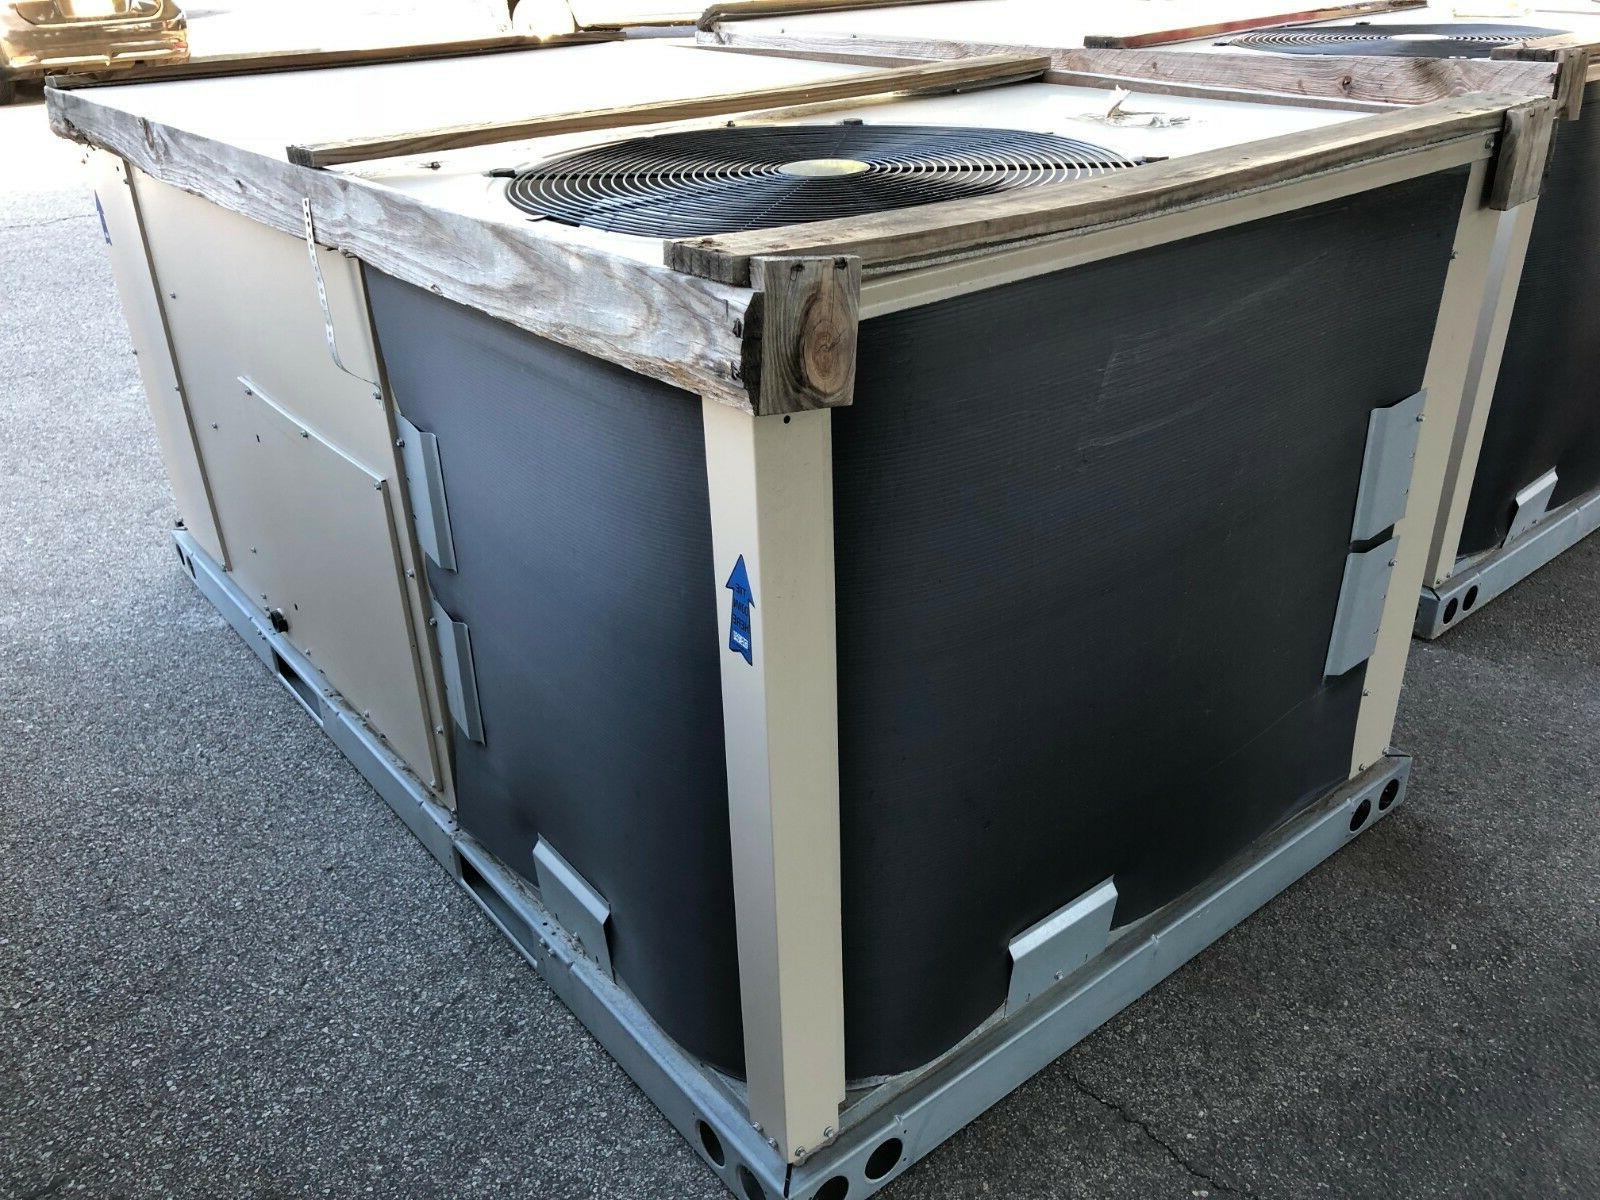 LENNOX 2 PACKAGE UNIT 208/230V ECONOMIZER HEAT KGA024S4DS2